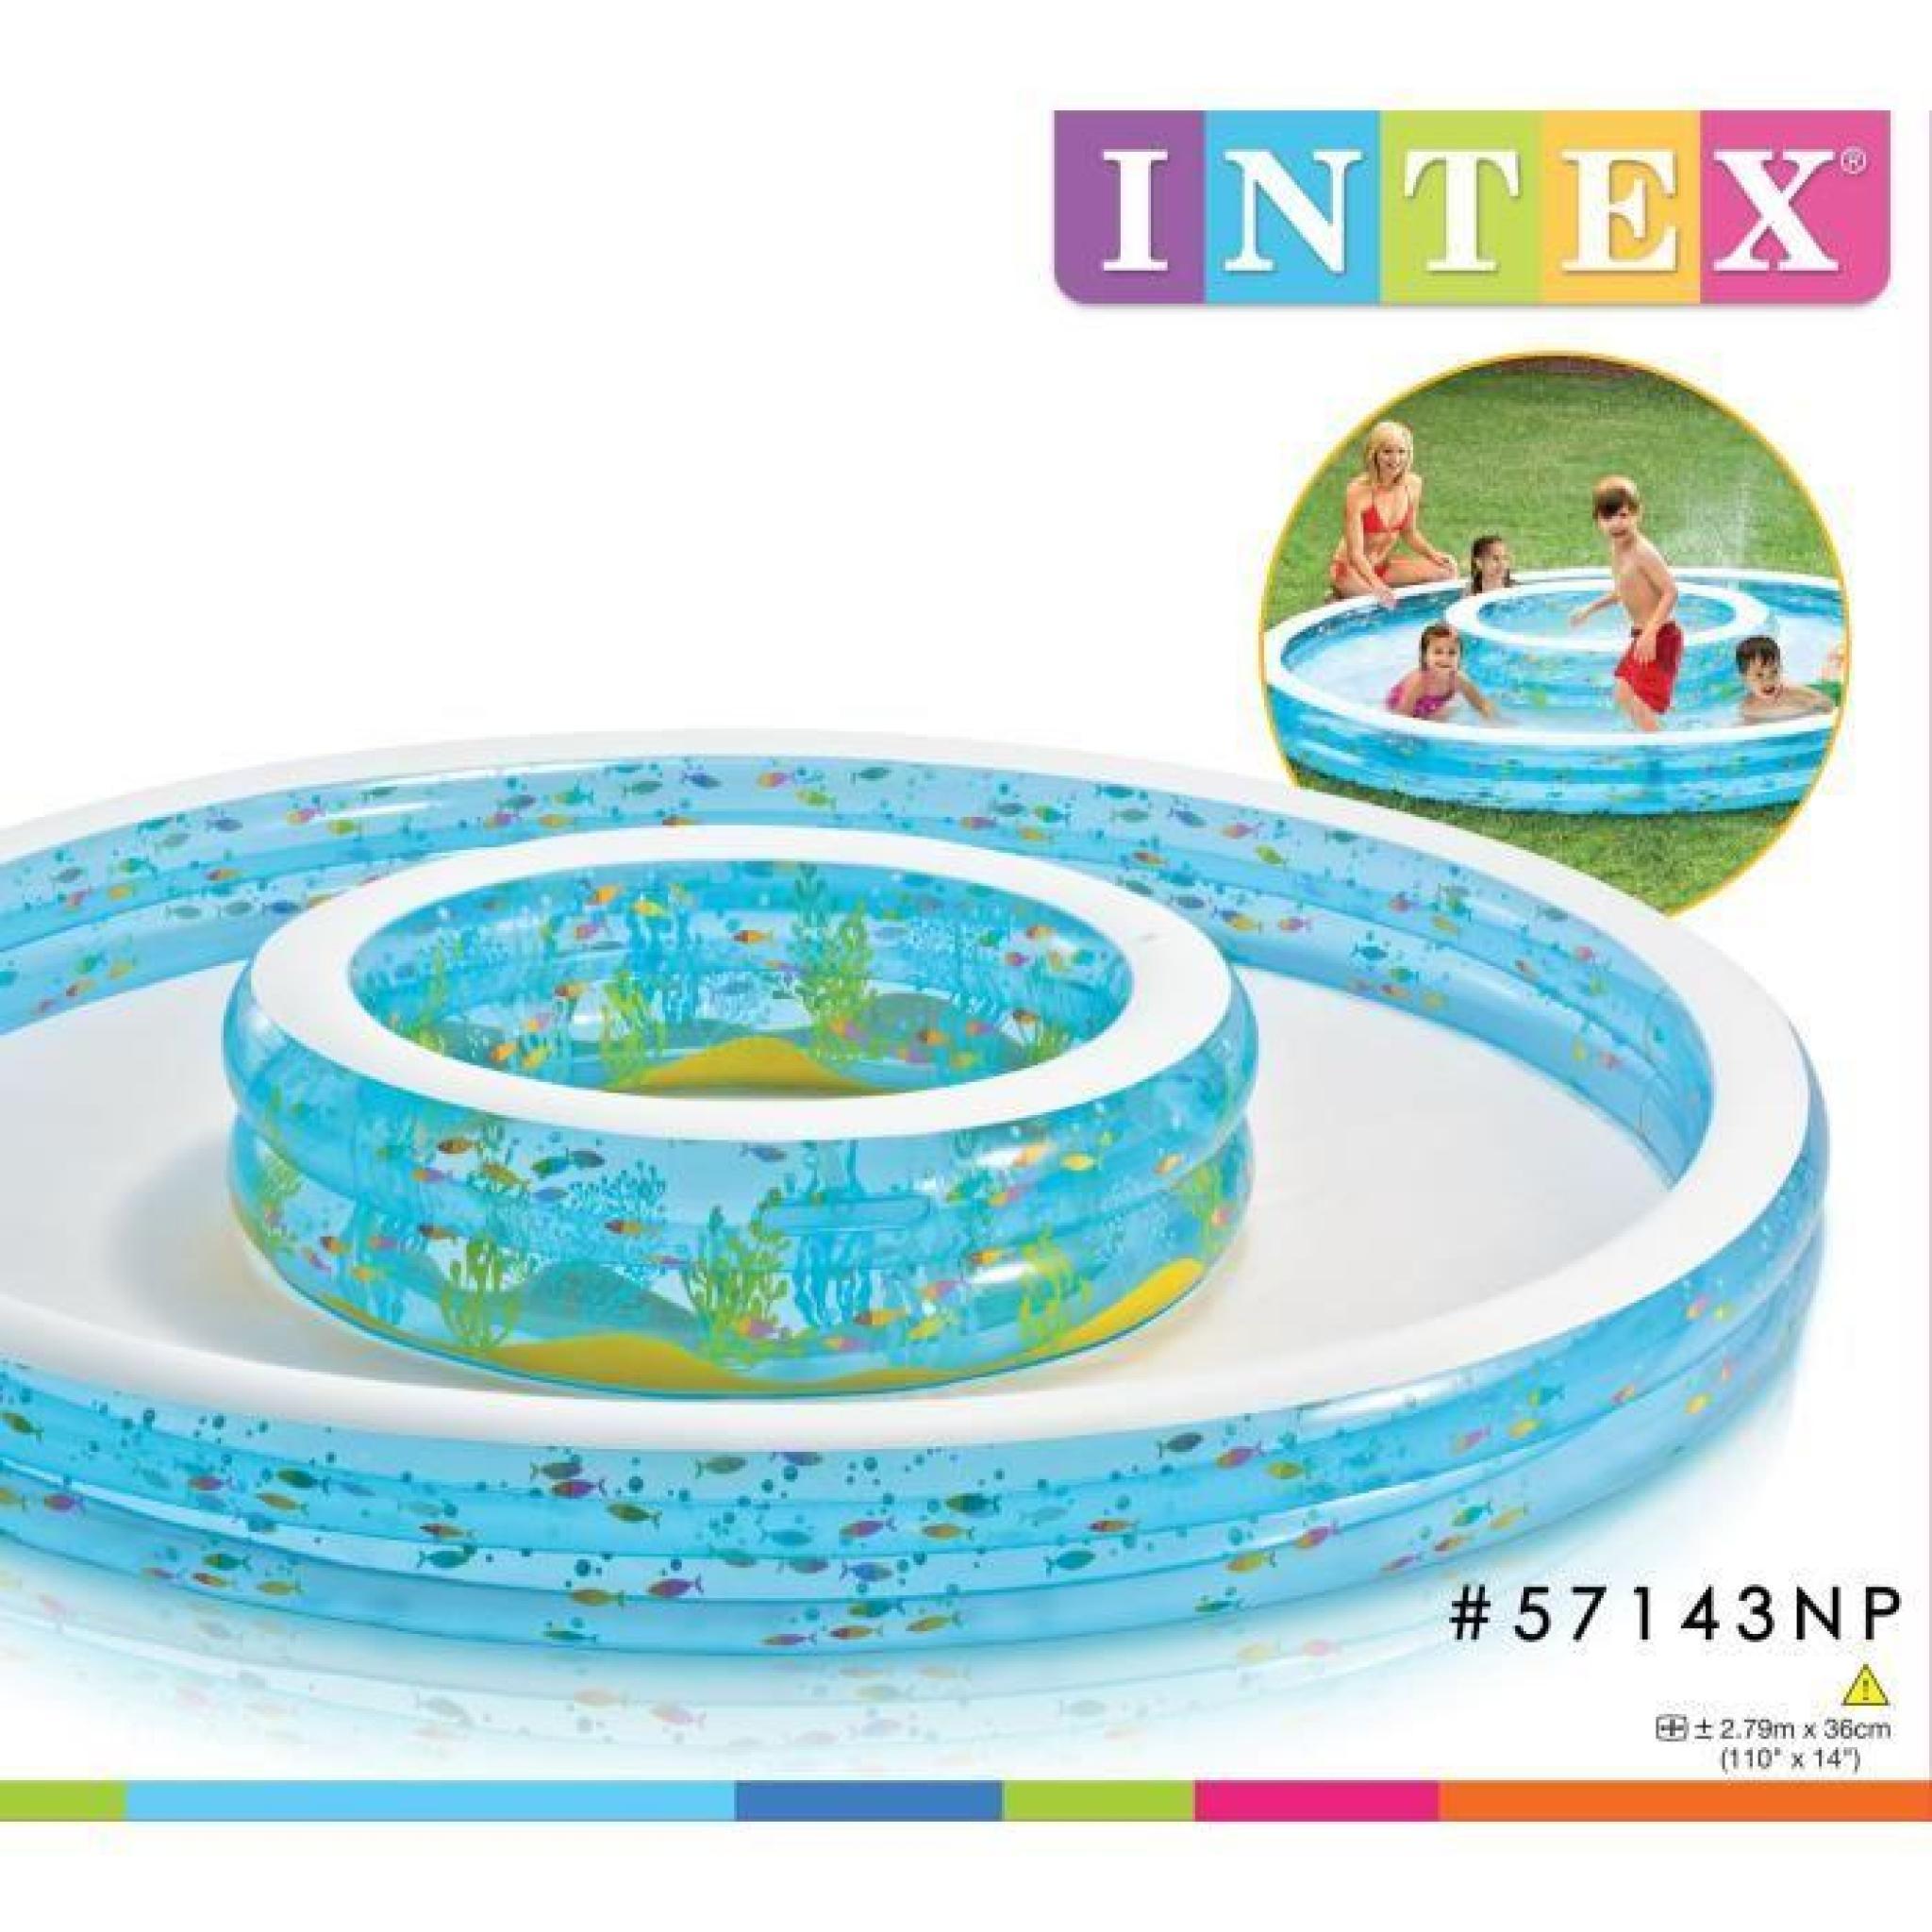 Intex Piscine 2 Tailles Gonflable À Débordement Enfant / Famille Double  Fontaines 279 X 36 Cm Avec Jets D'eau destiné Piscine Intex Enfant